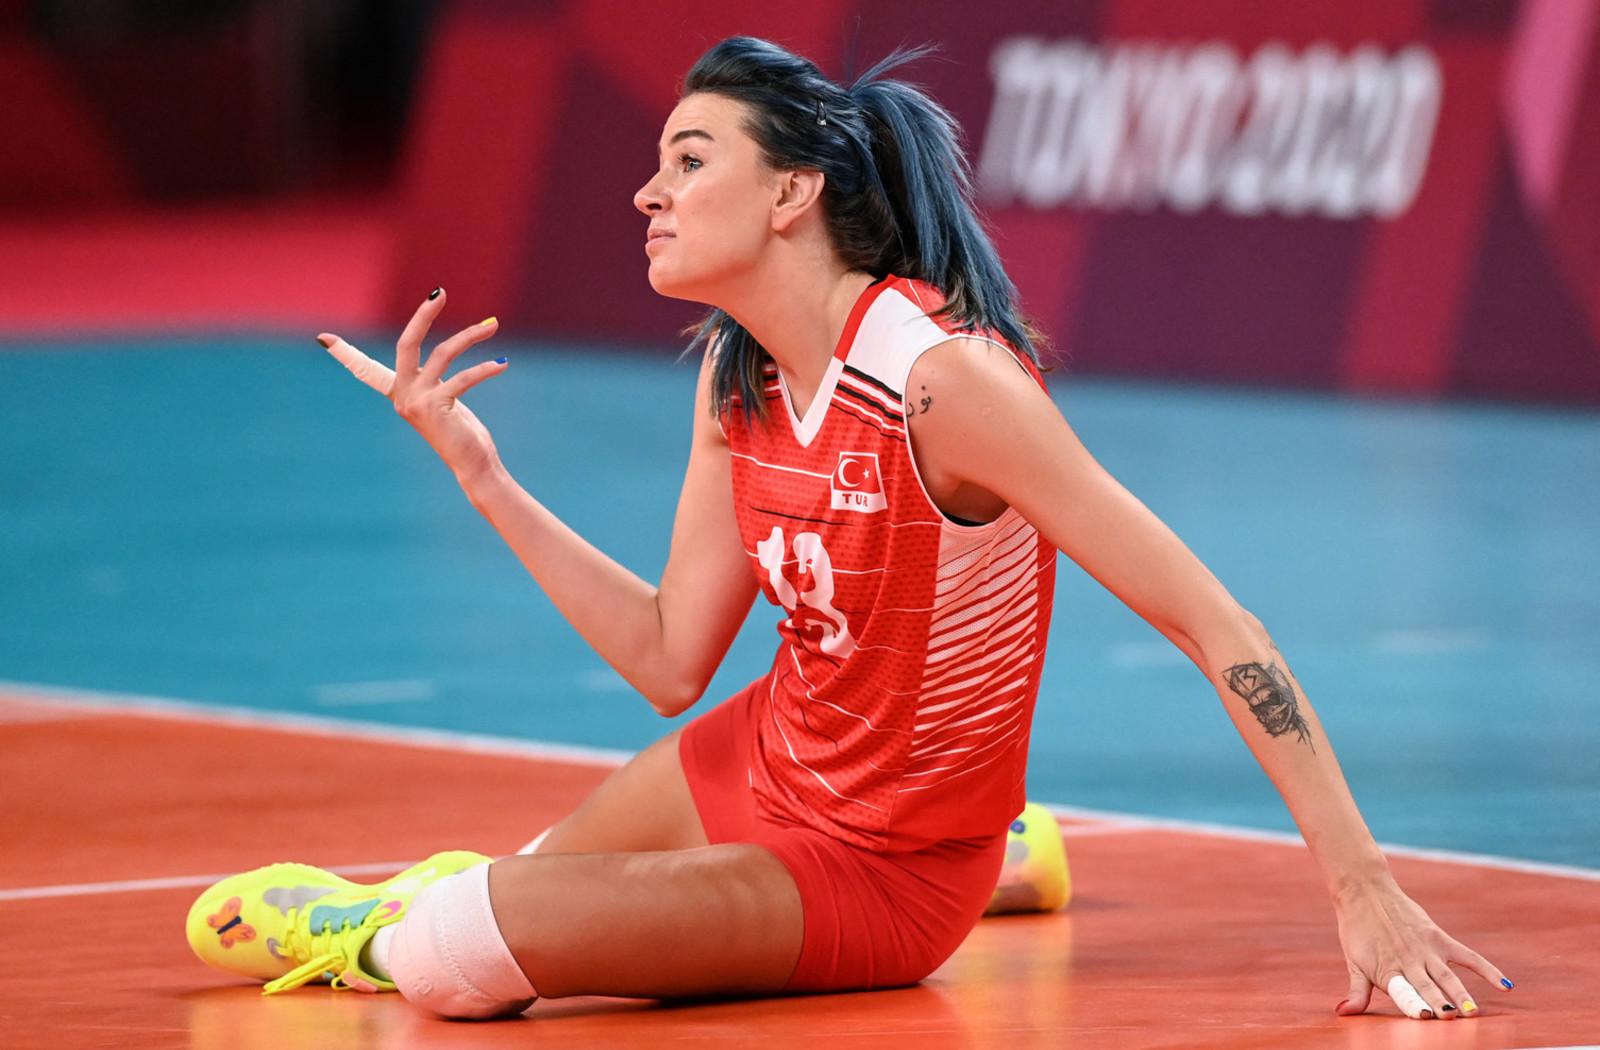 Meryem Boz della nazionale di pallavolo turca